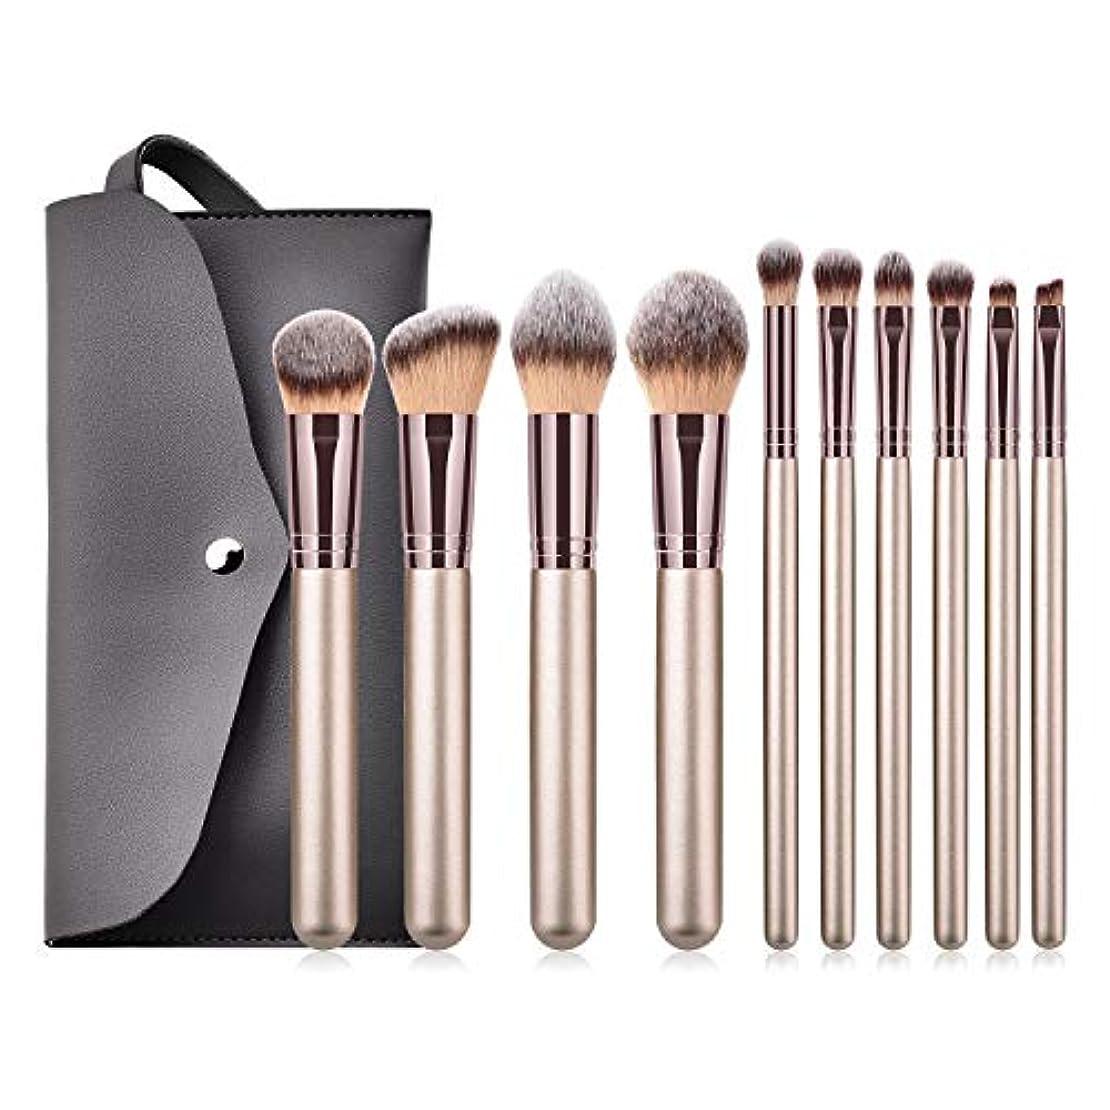 購入スタイル予算Makeup brushes PUバッグ、カラーメイクアップPro 10pcsメイクアップブラシセット suits (Color : Gold)